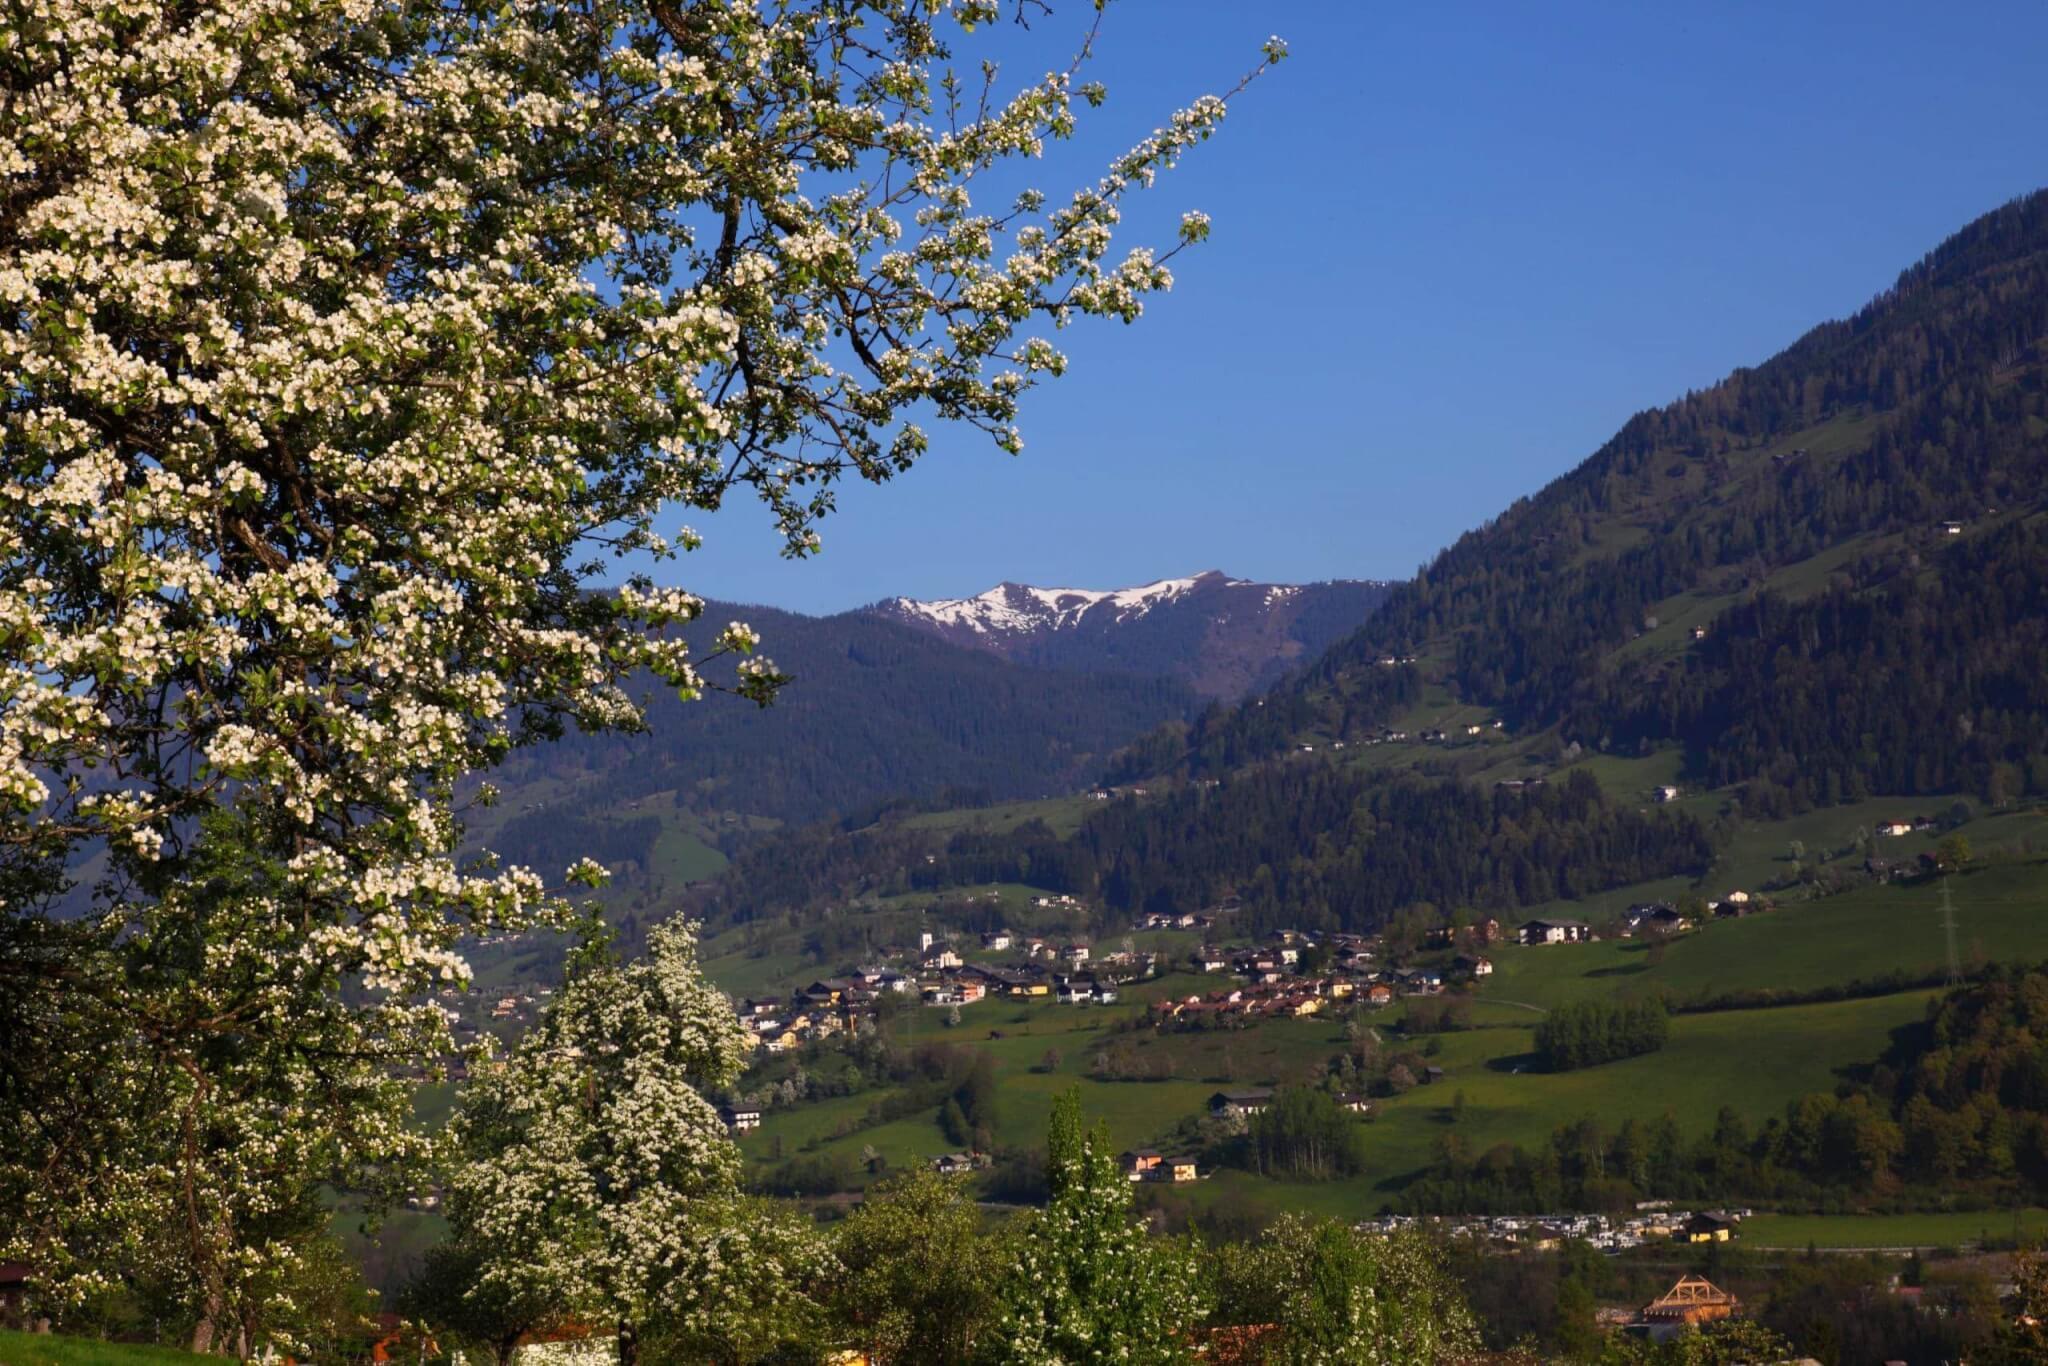 Patrozinium - Bittgang von Mühlbach nach St. Veit